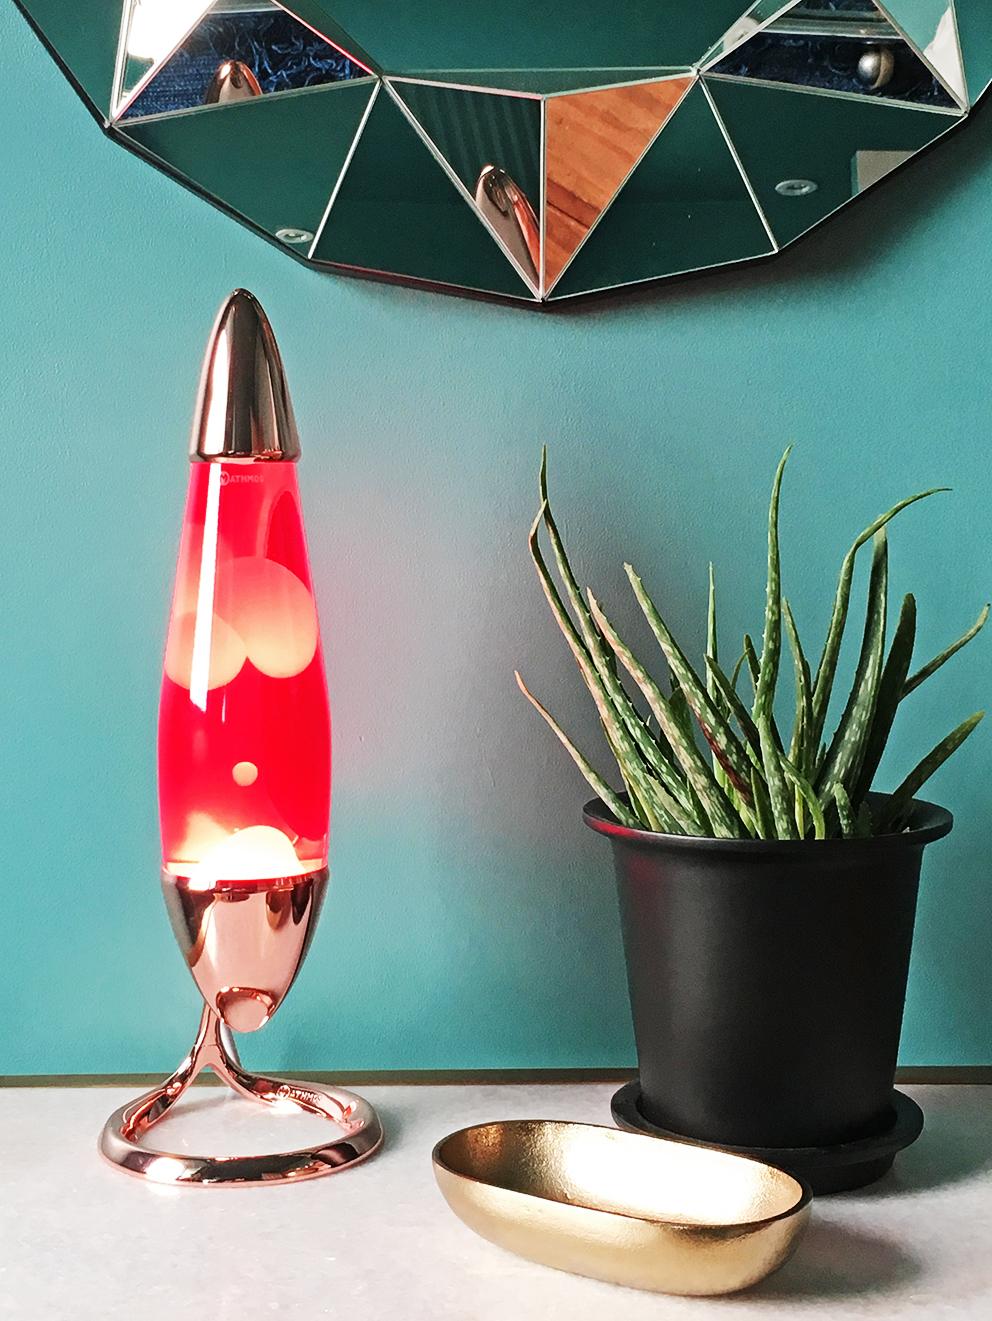 French For Pineapple Blog - Mathmos Neo Lava Lamp